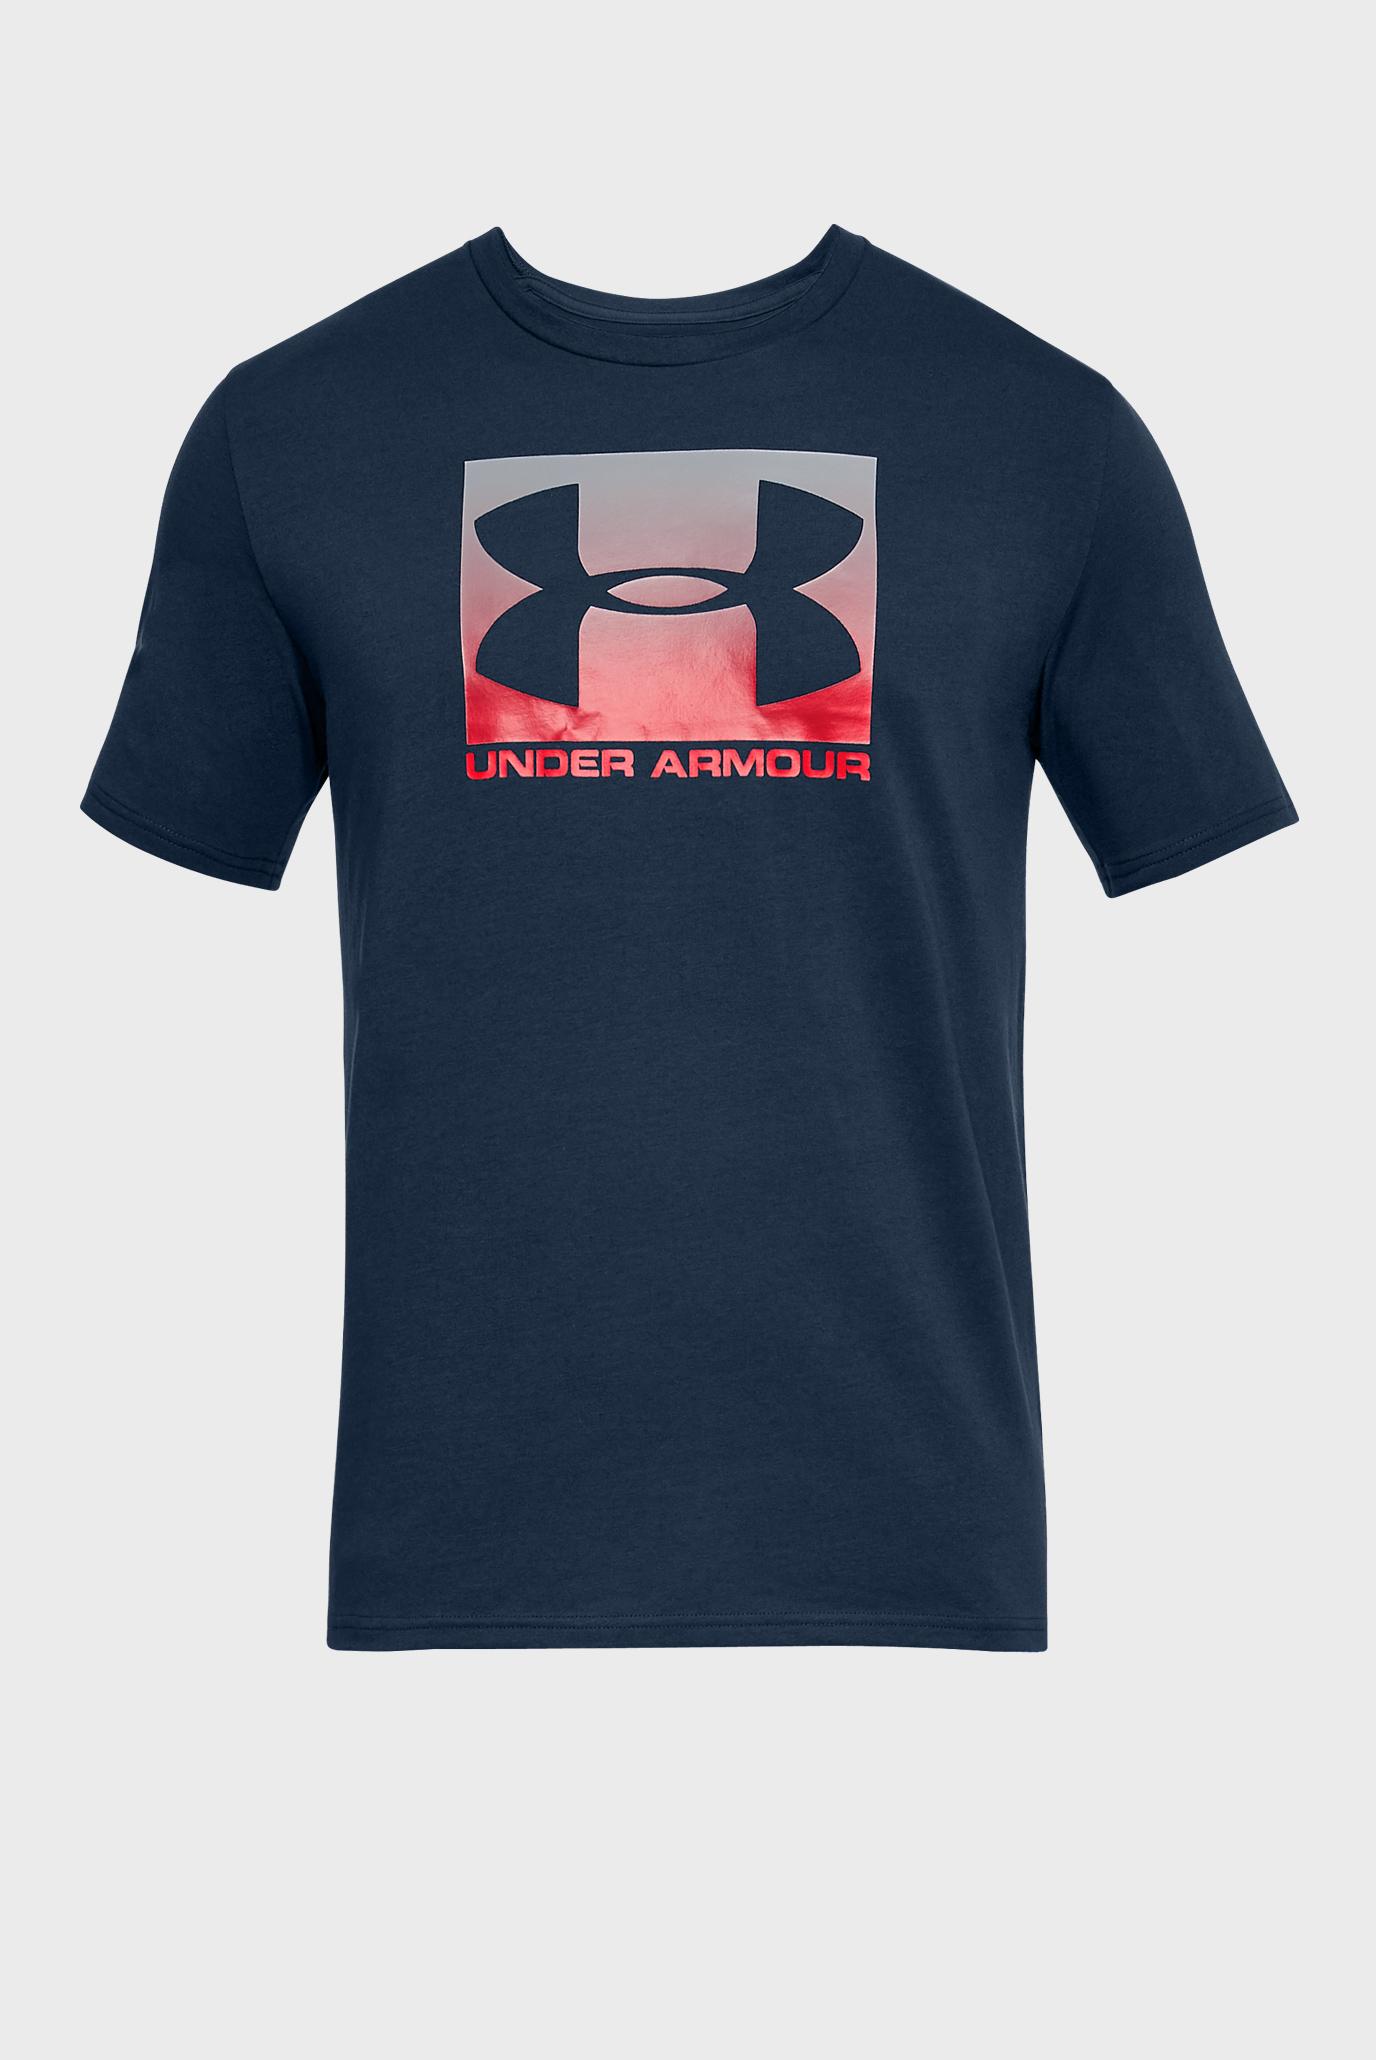 חולצת אימון קצרה אנדר ארמור לגבר 1305660-408 Under Armour Men's Boxed Sportstyle SS